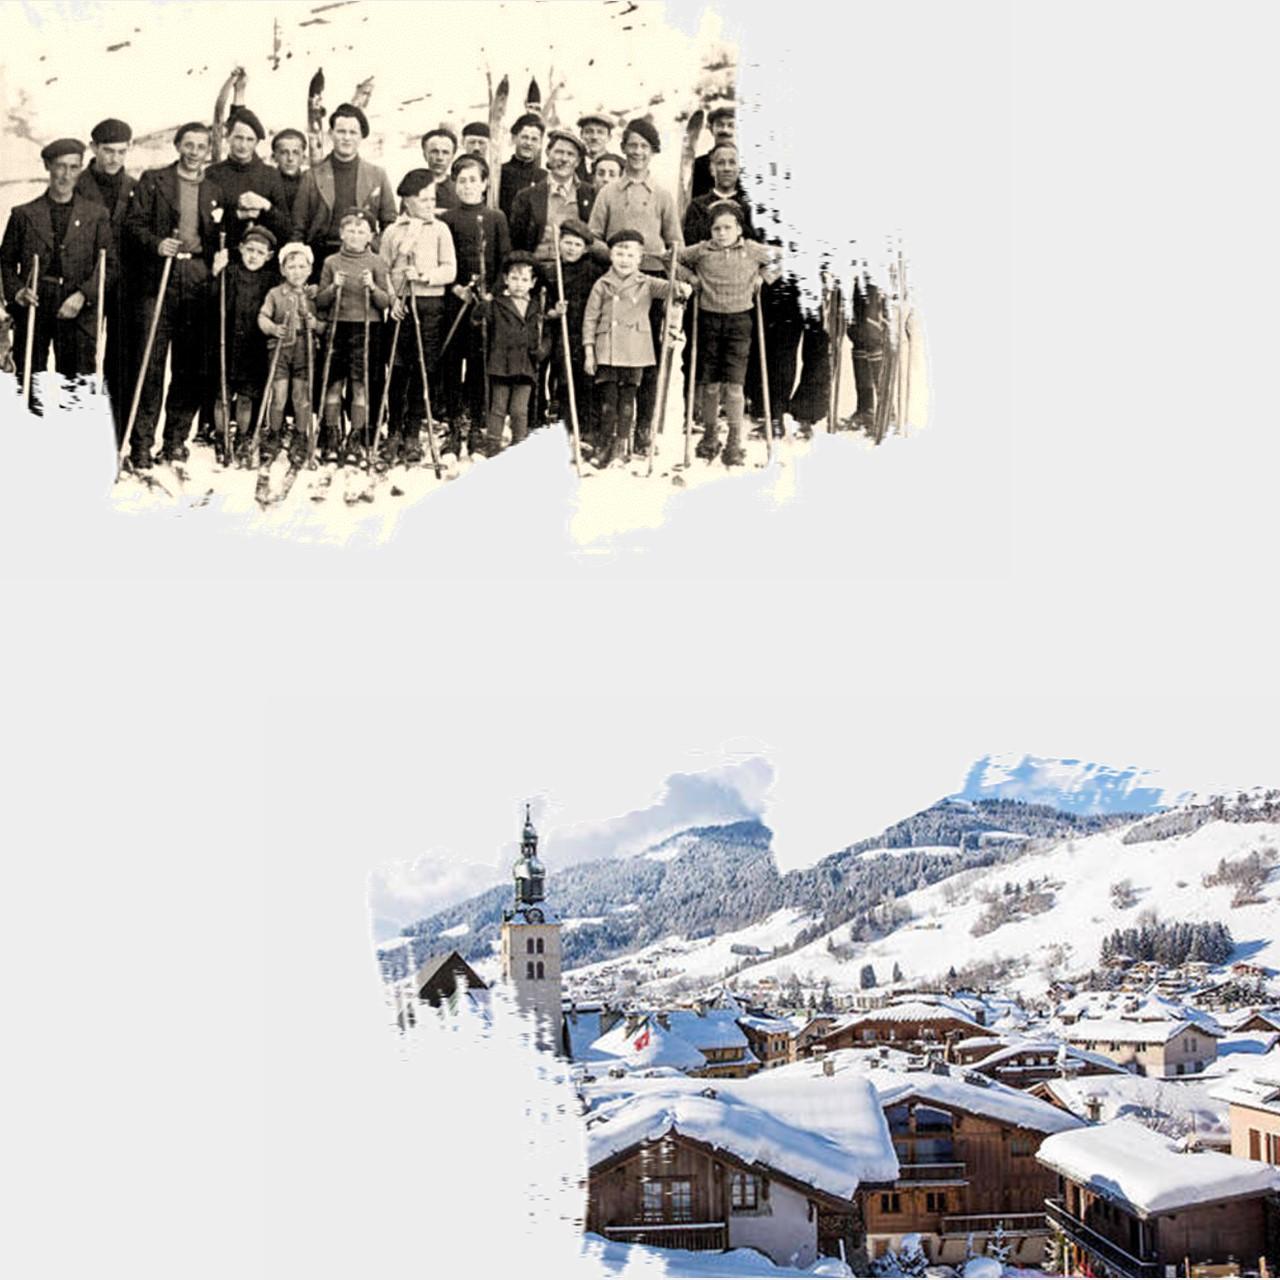 Arilus montres, héritage sport d'hiver